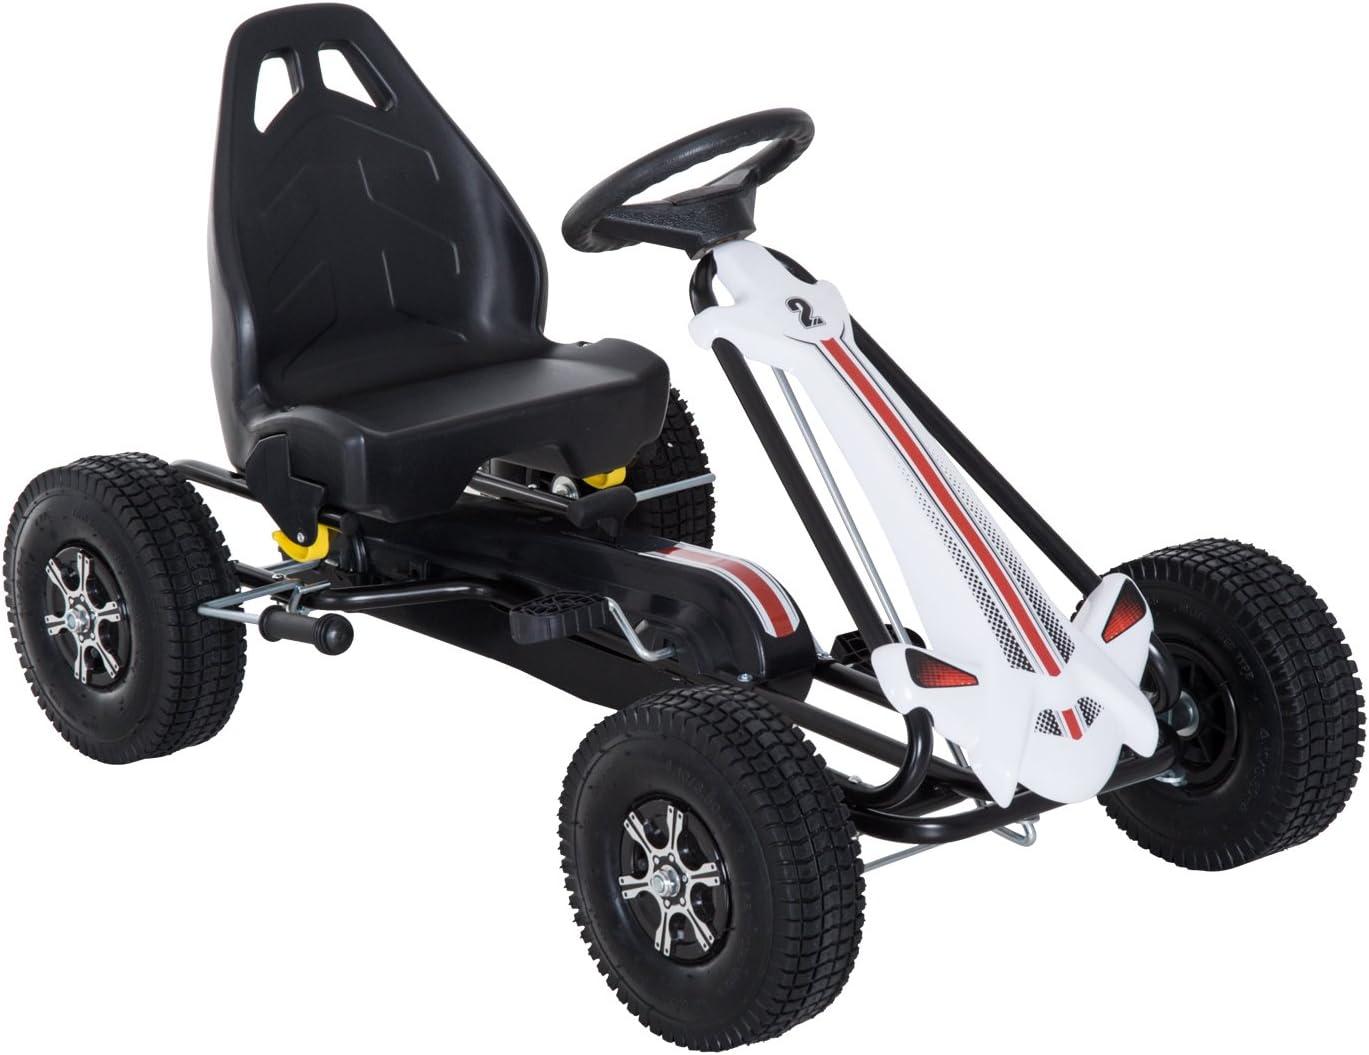 Coche de Pedales Go Kart Racing Deportivo con Asiento Ajustable Embrague y Freno Juguete Exterior 103x64x59.5cm Marco Hierro Blanco y Negro